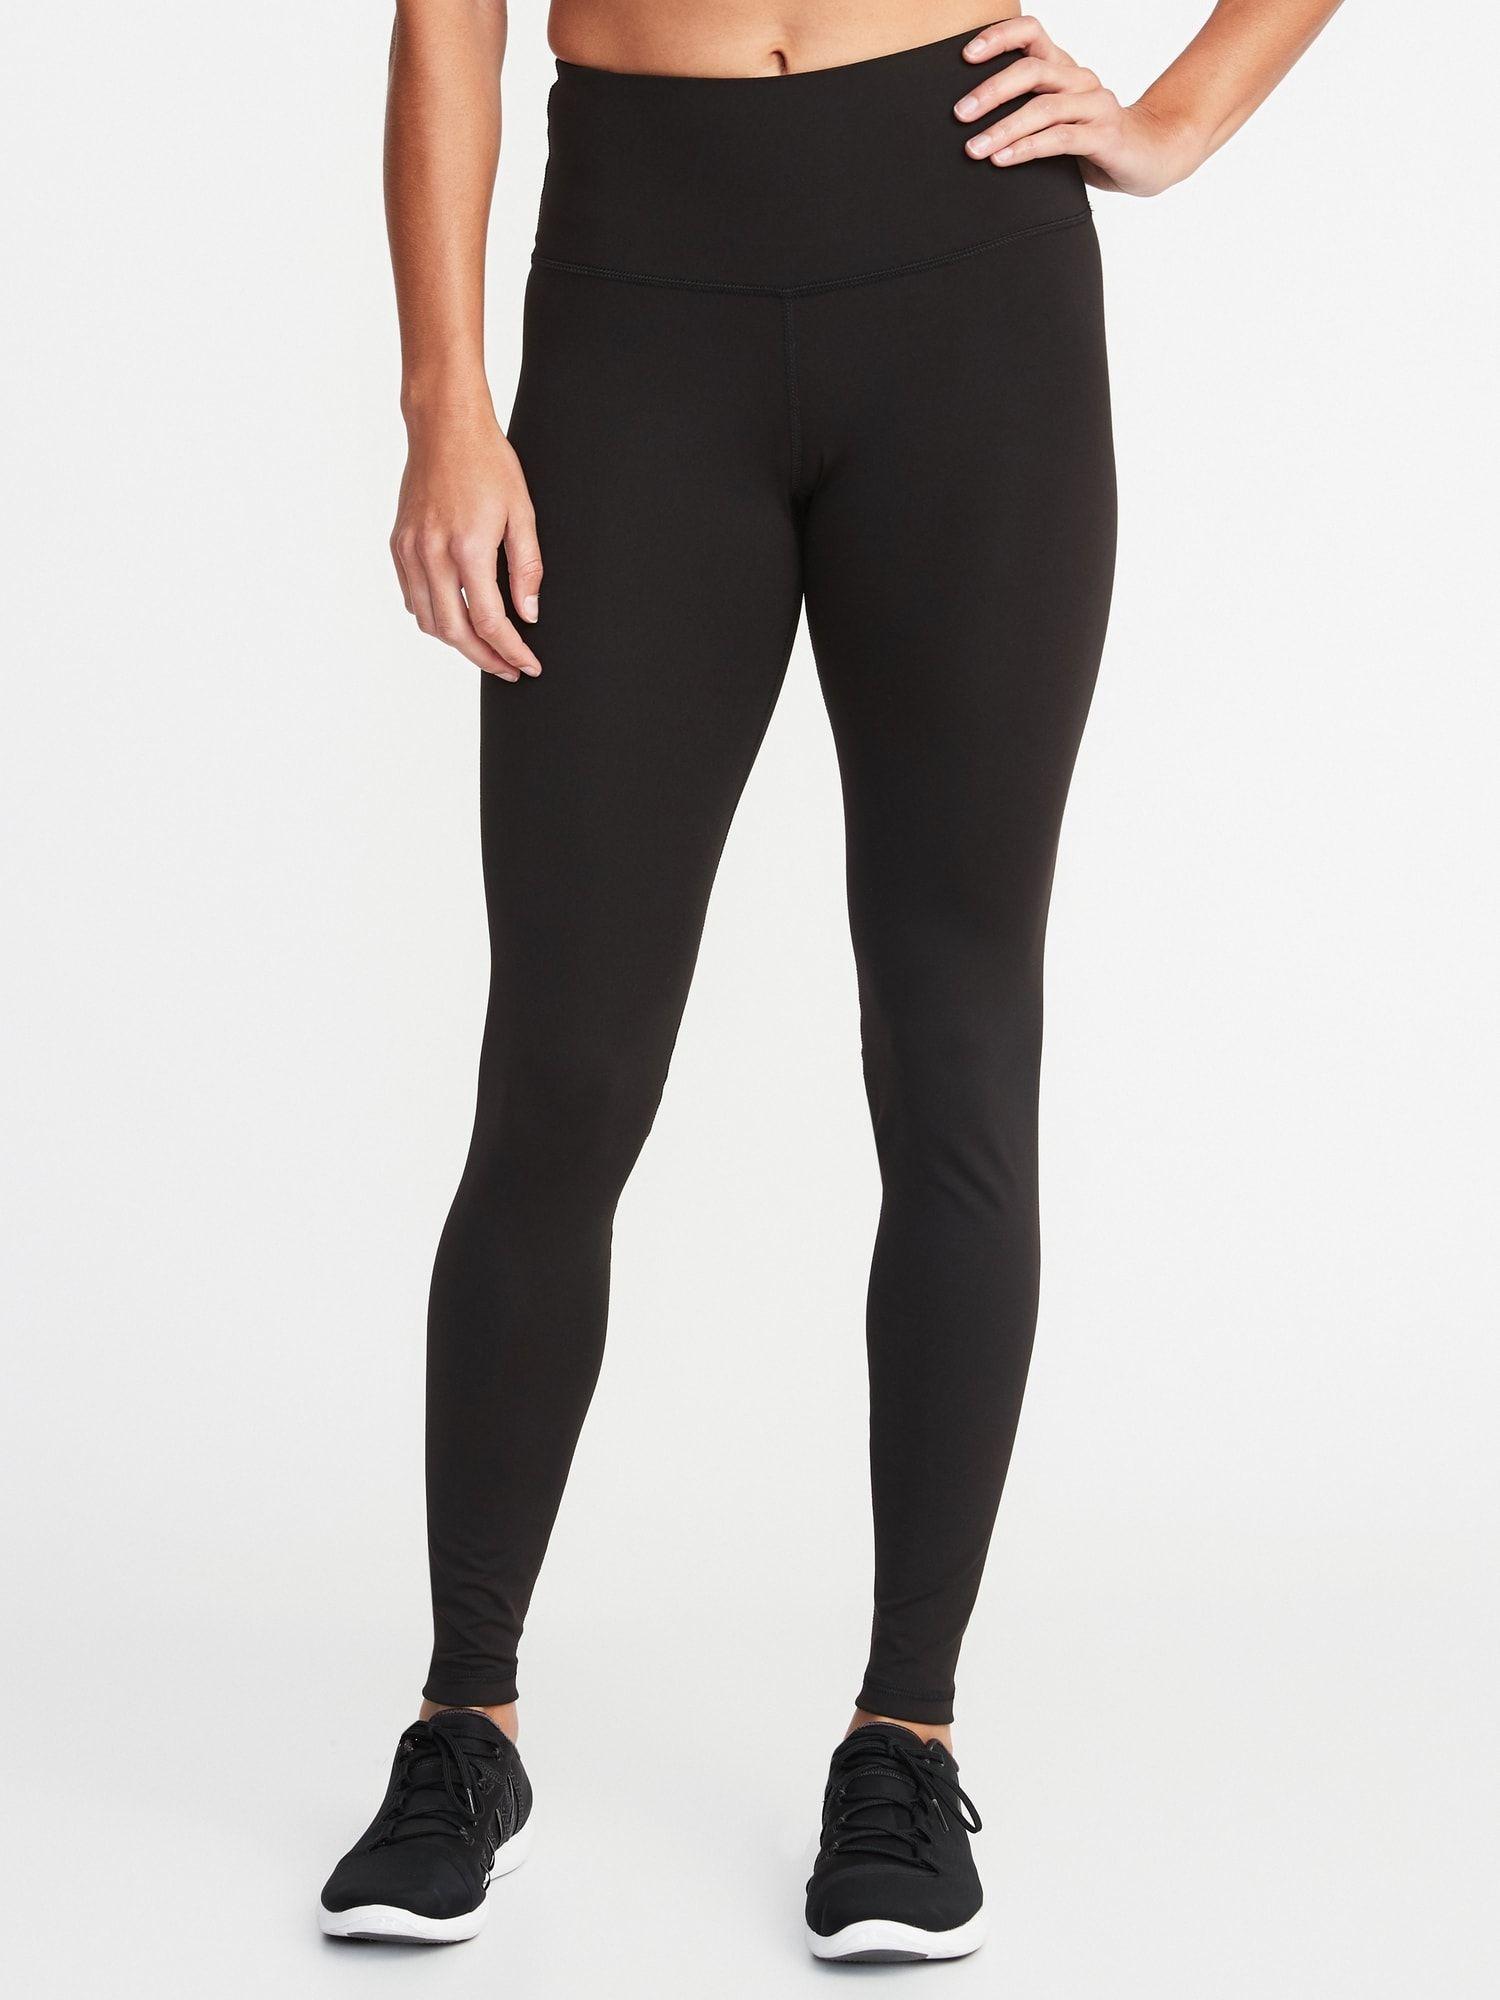 Women Spring Thin Section Stretch Pants Feet Black Skiny Leggings Leggings CB